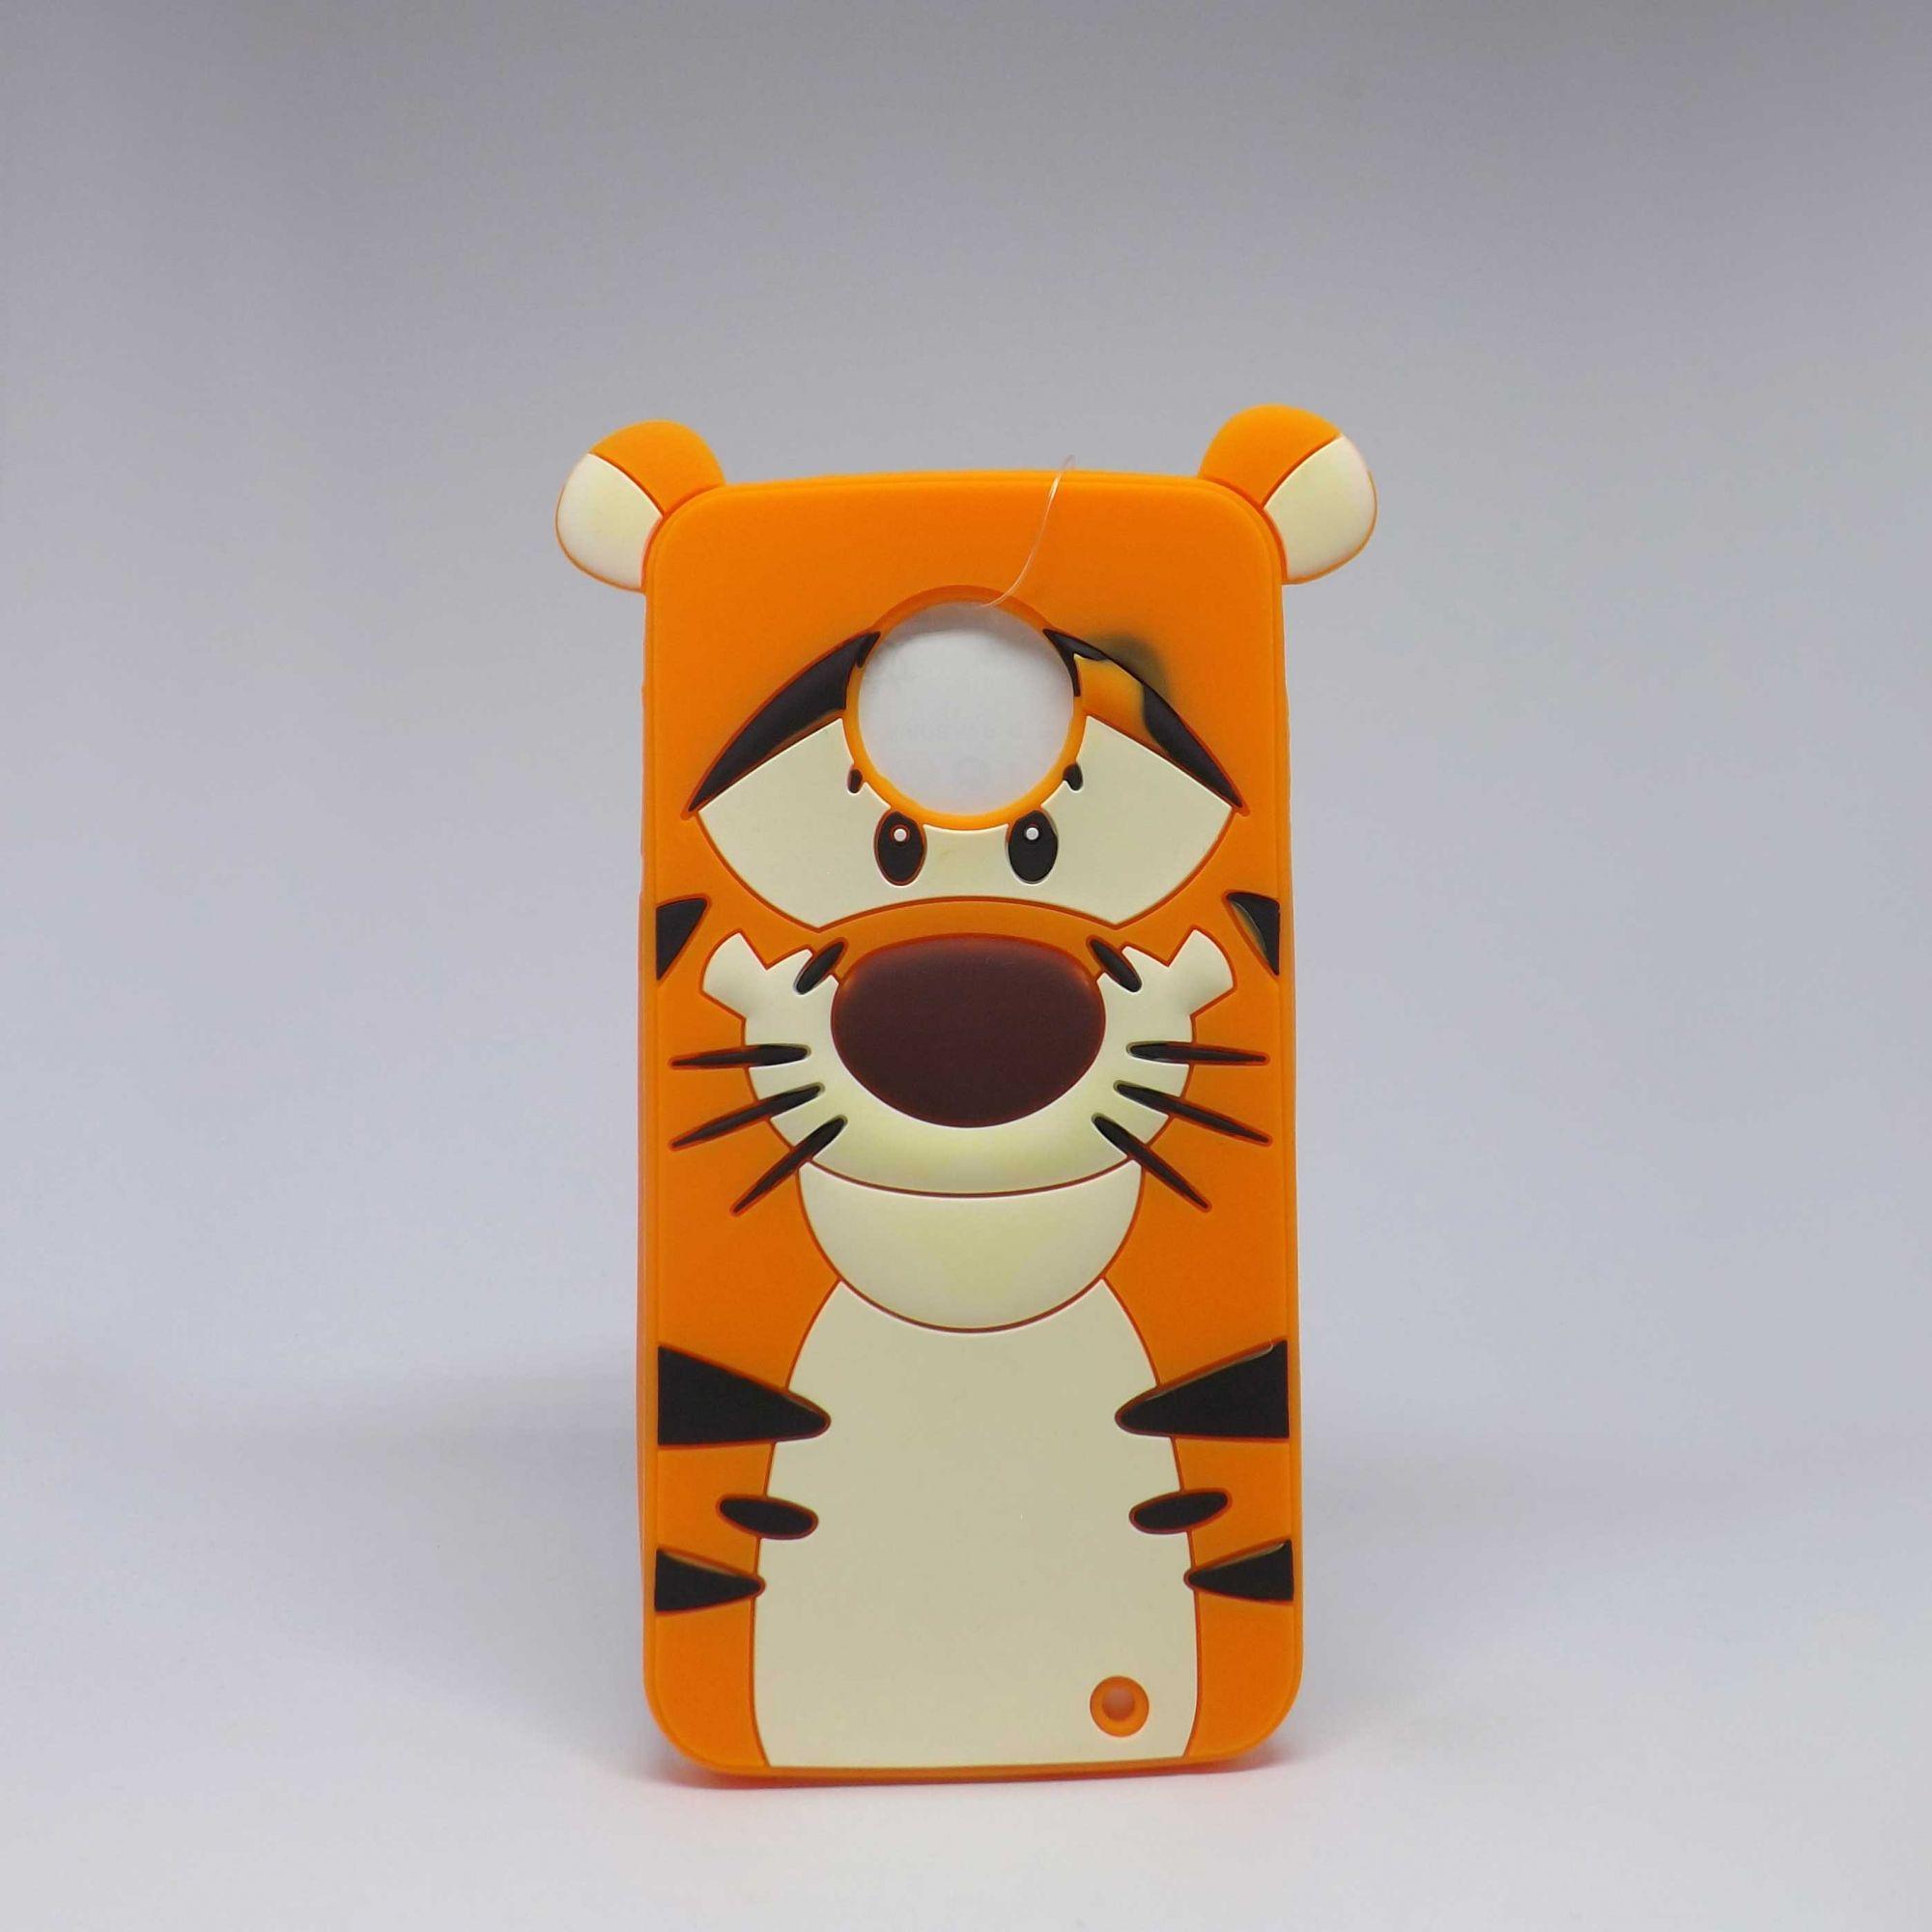 Capa Motorola G6 Plus Personagens - Tigrão